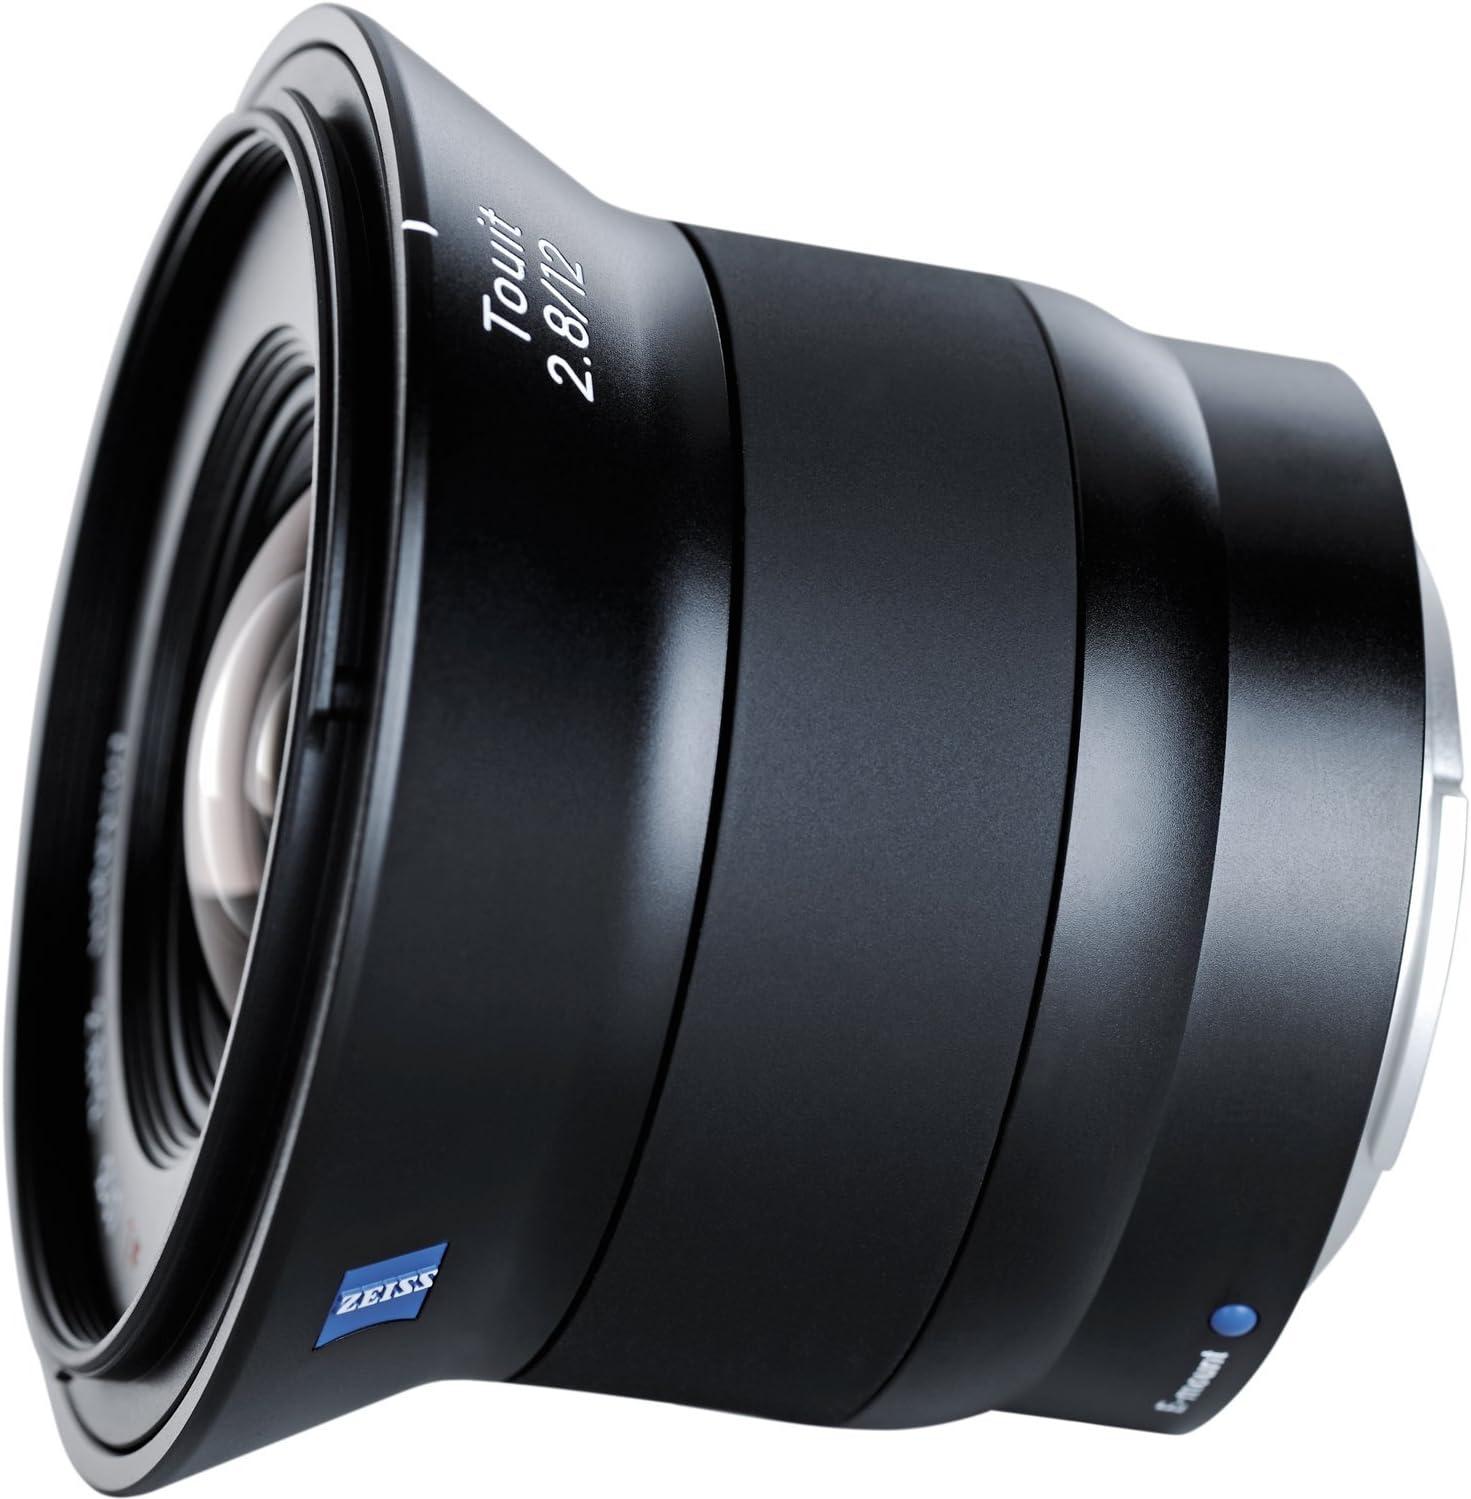 Zeiss Touit 2 8 12 Lens Premium Kit Für Spiegellose Kamera